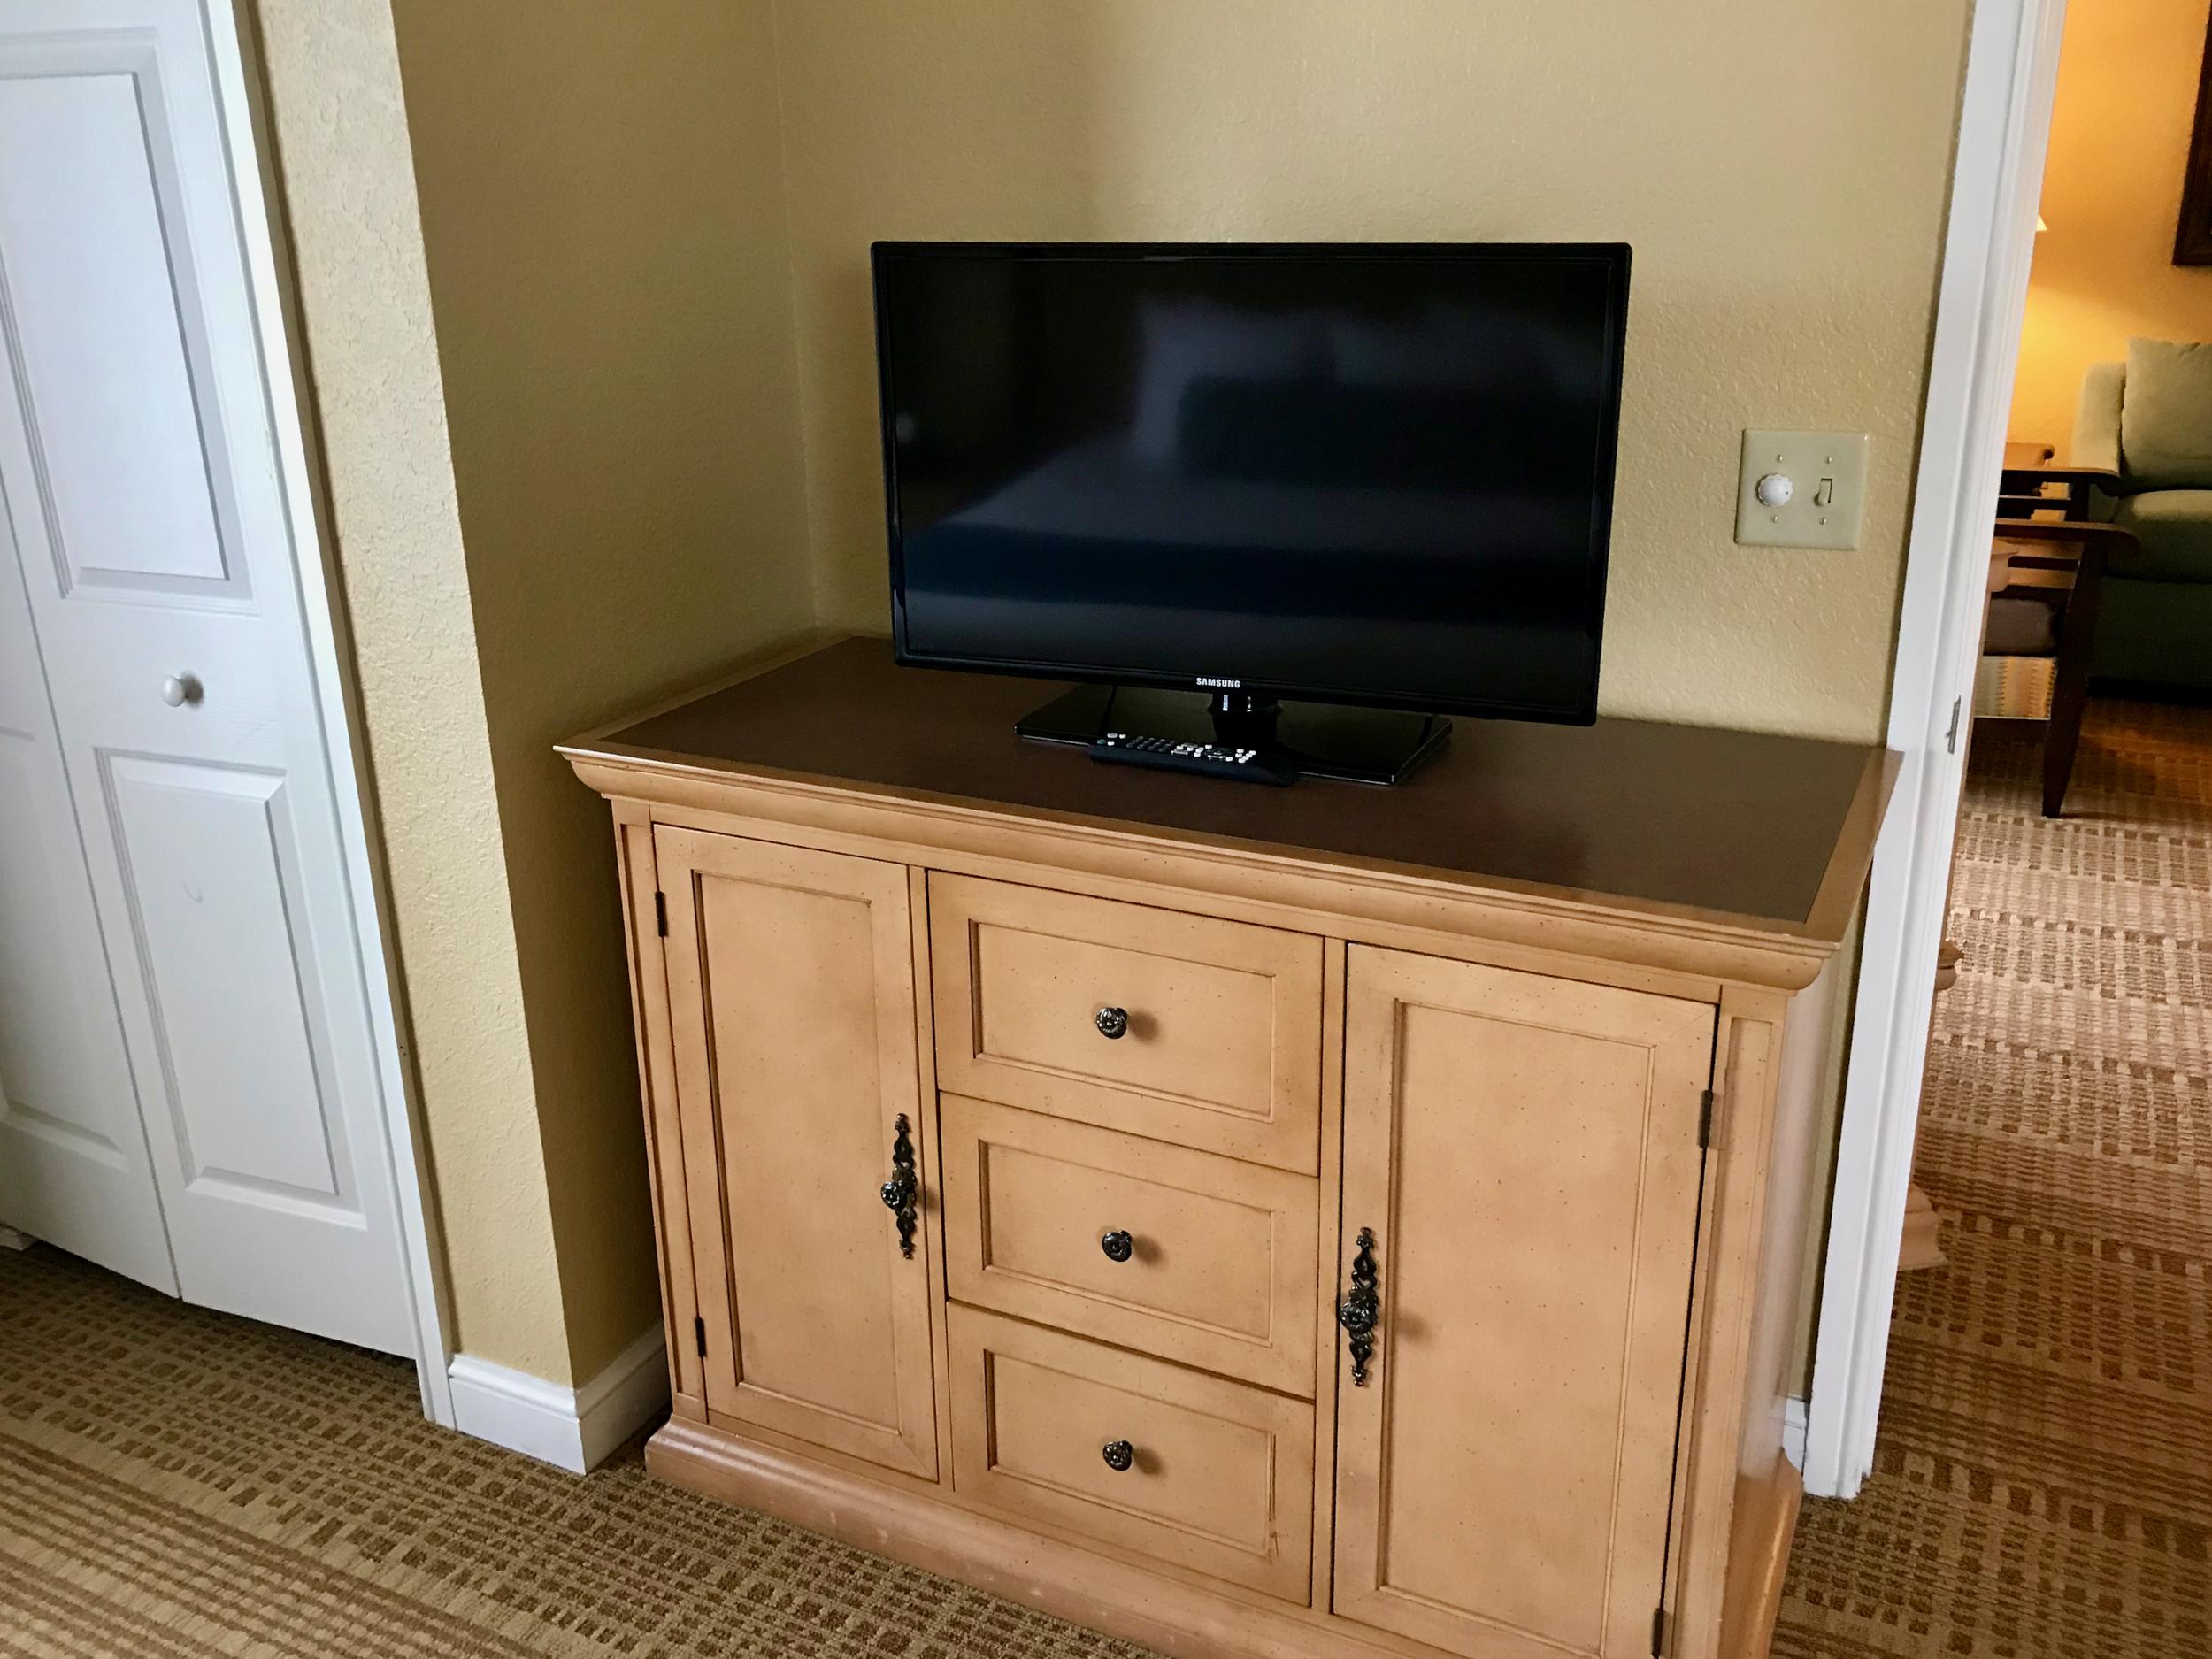 Condo master bedroom television